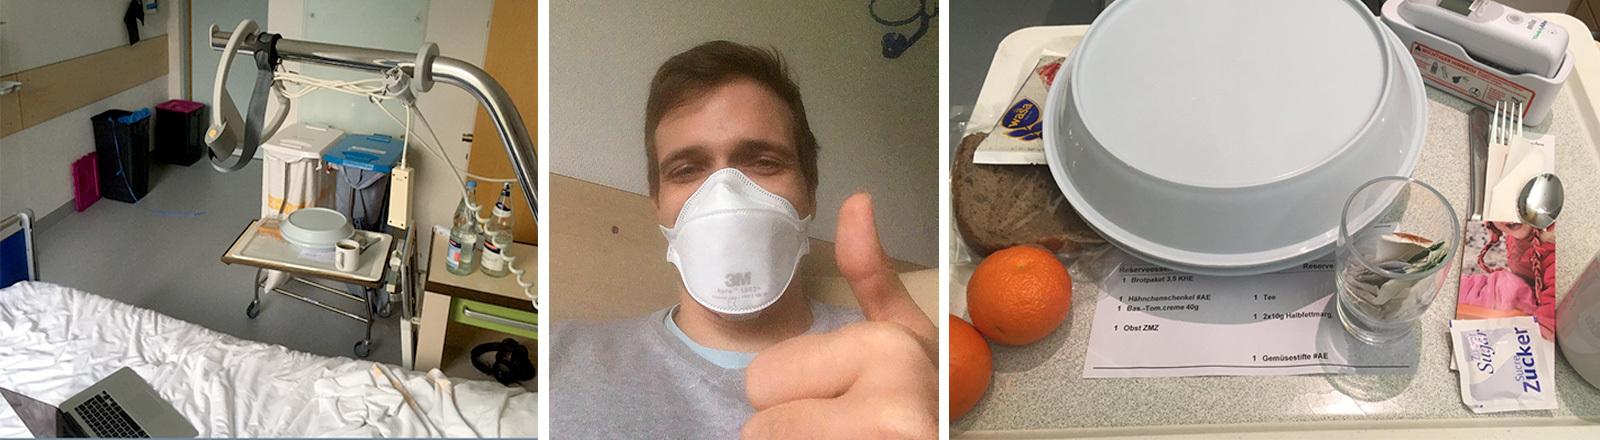 Bild mit Krankenhausessen und Mann mit Atemschutz